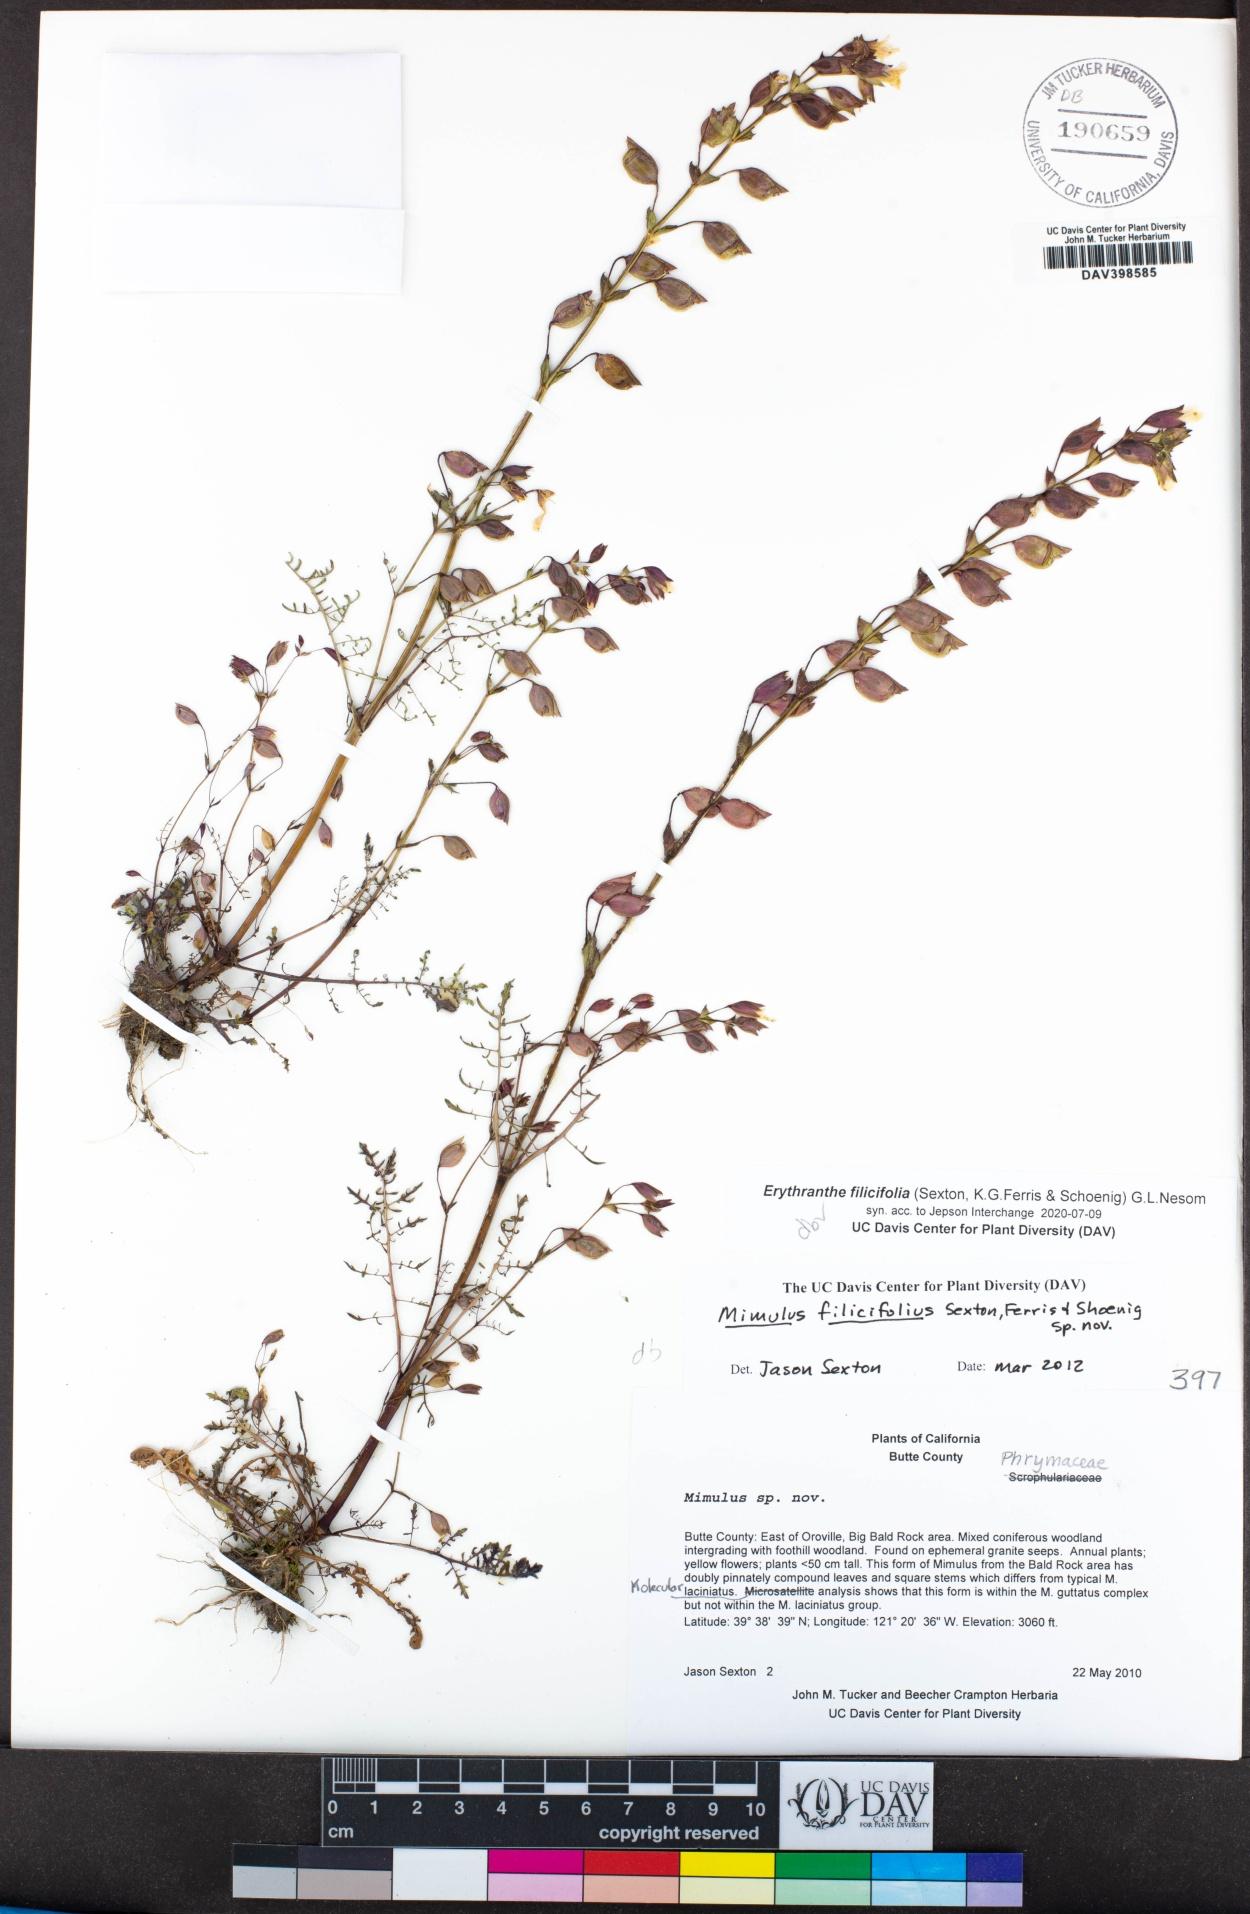 Erythranthe filicifolia image